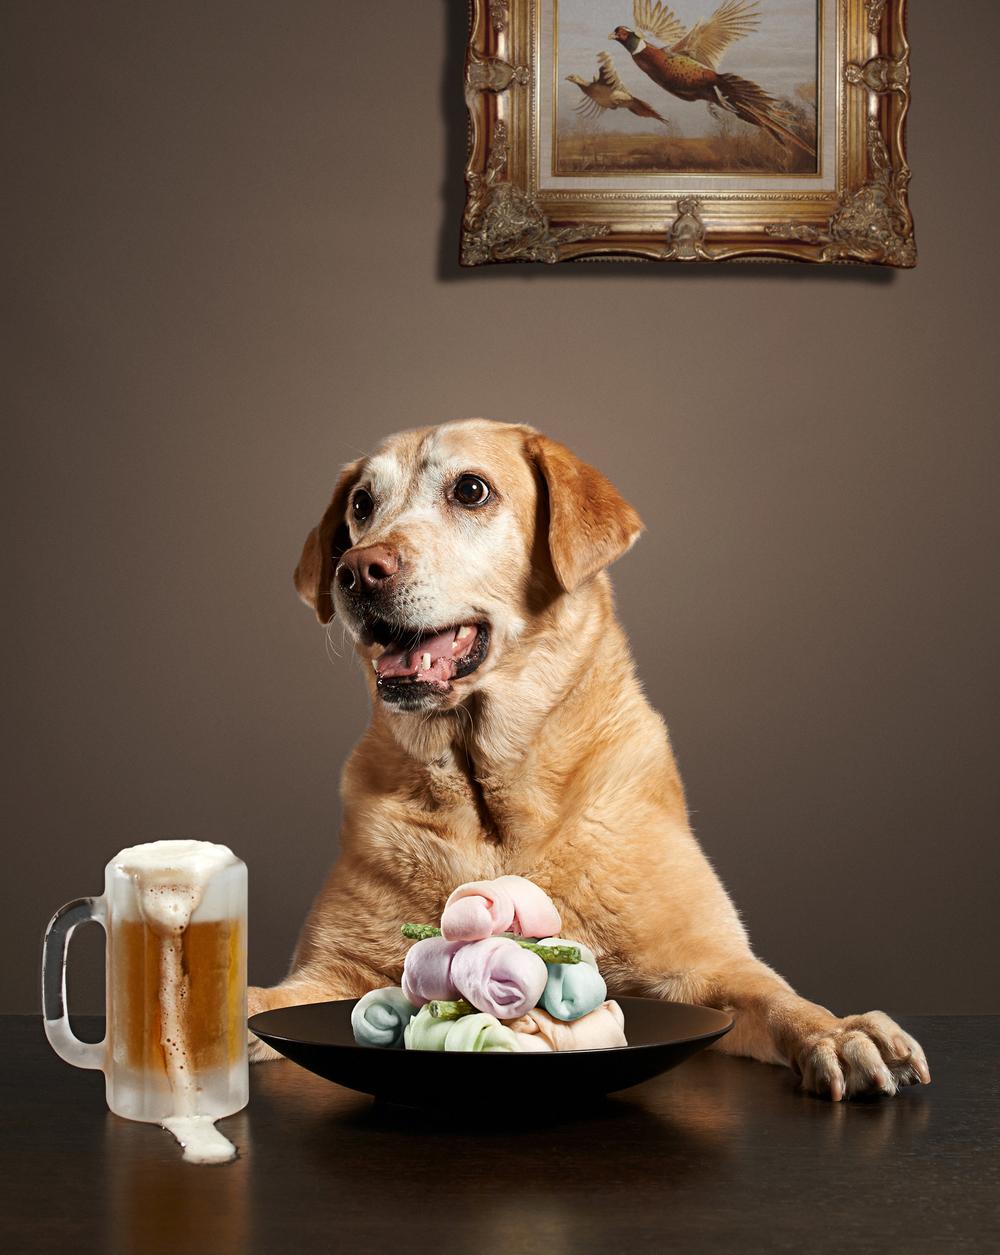 Beer n' Bones